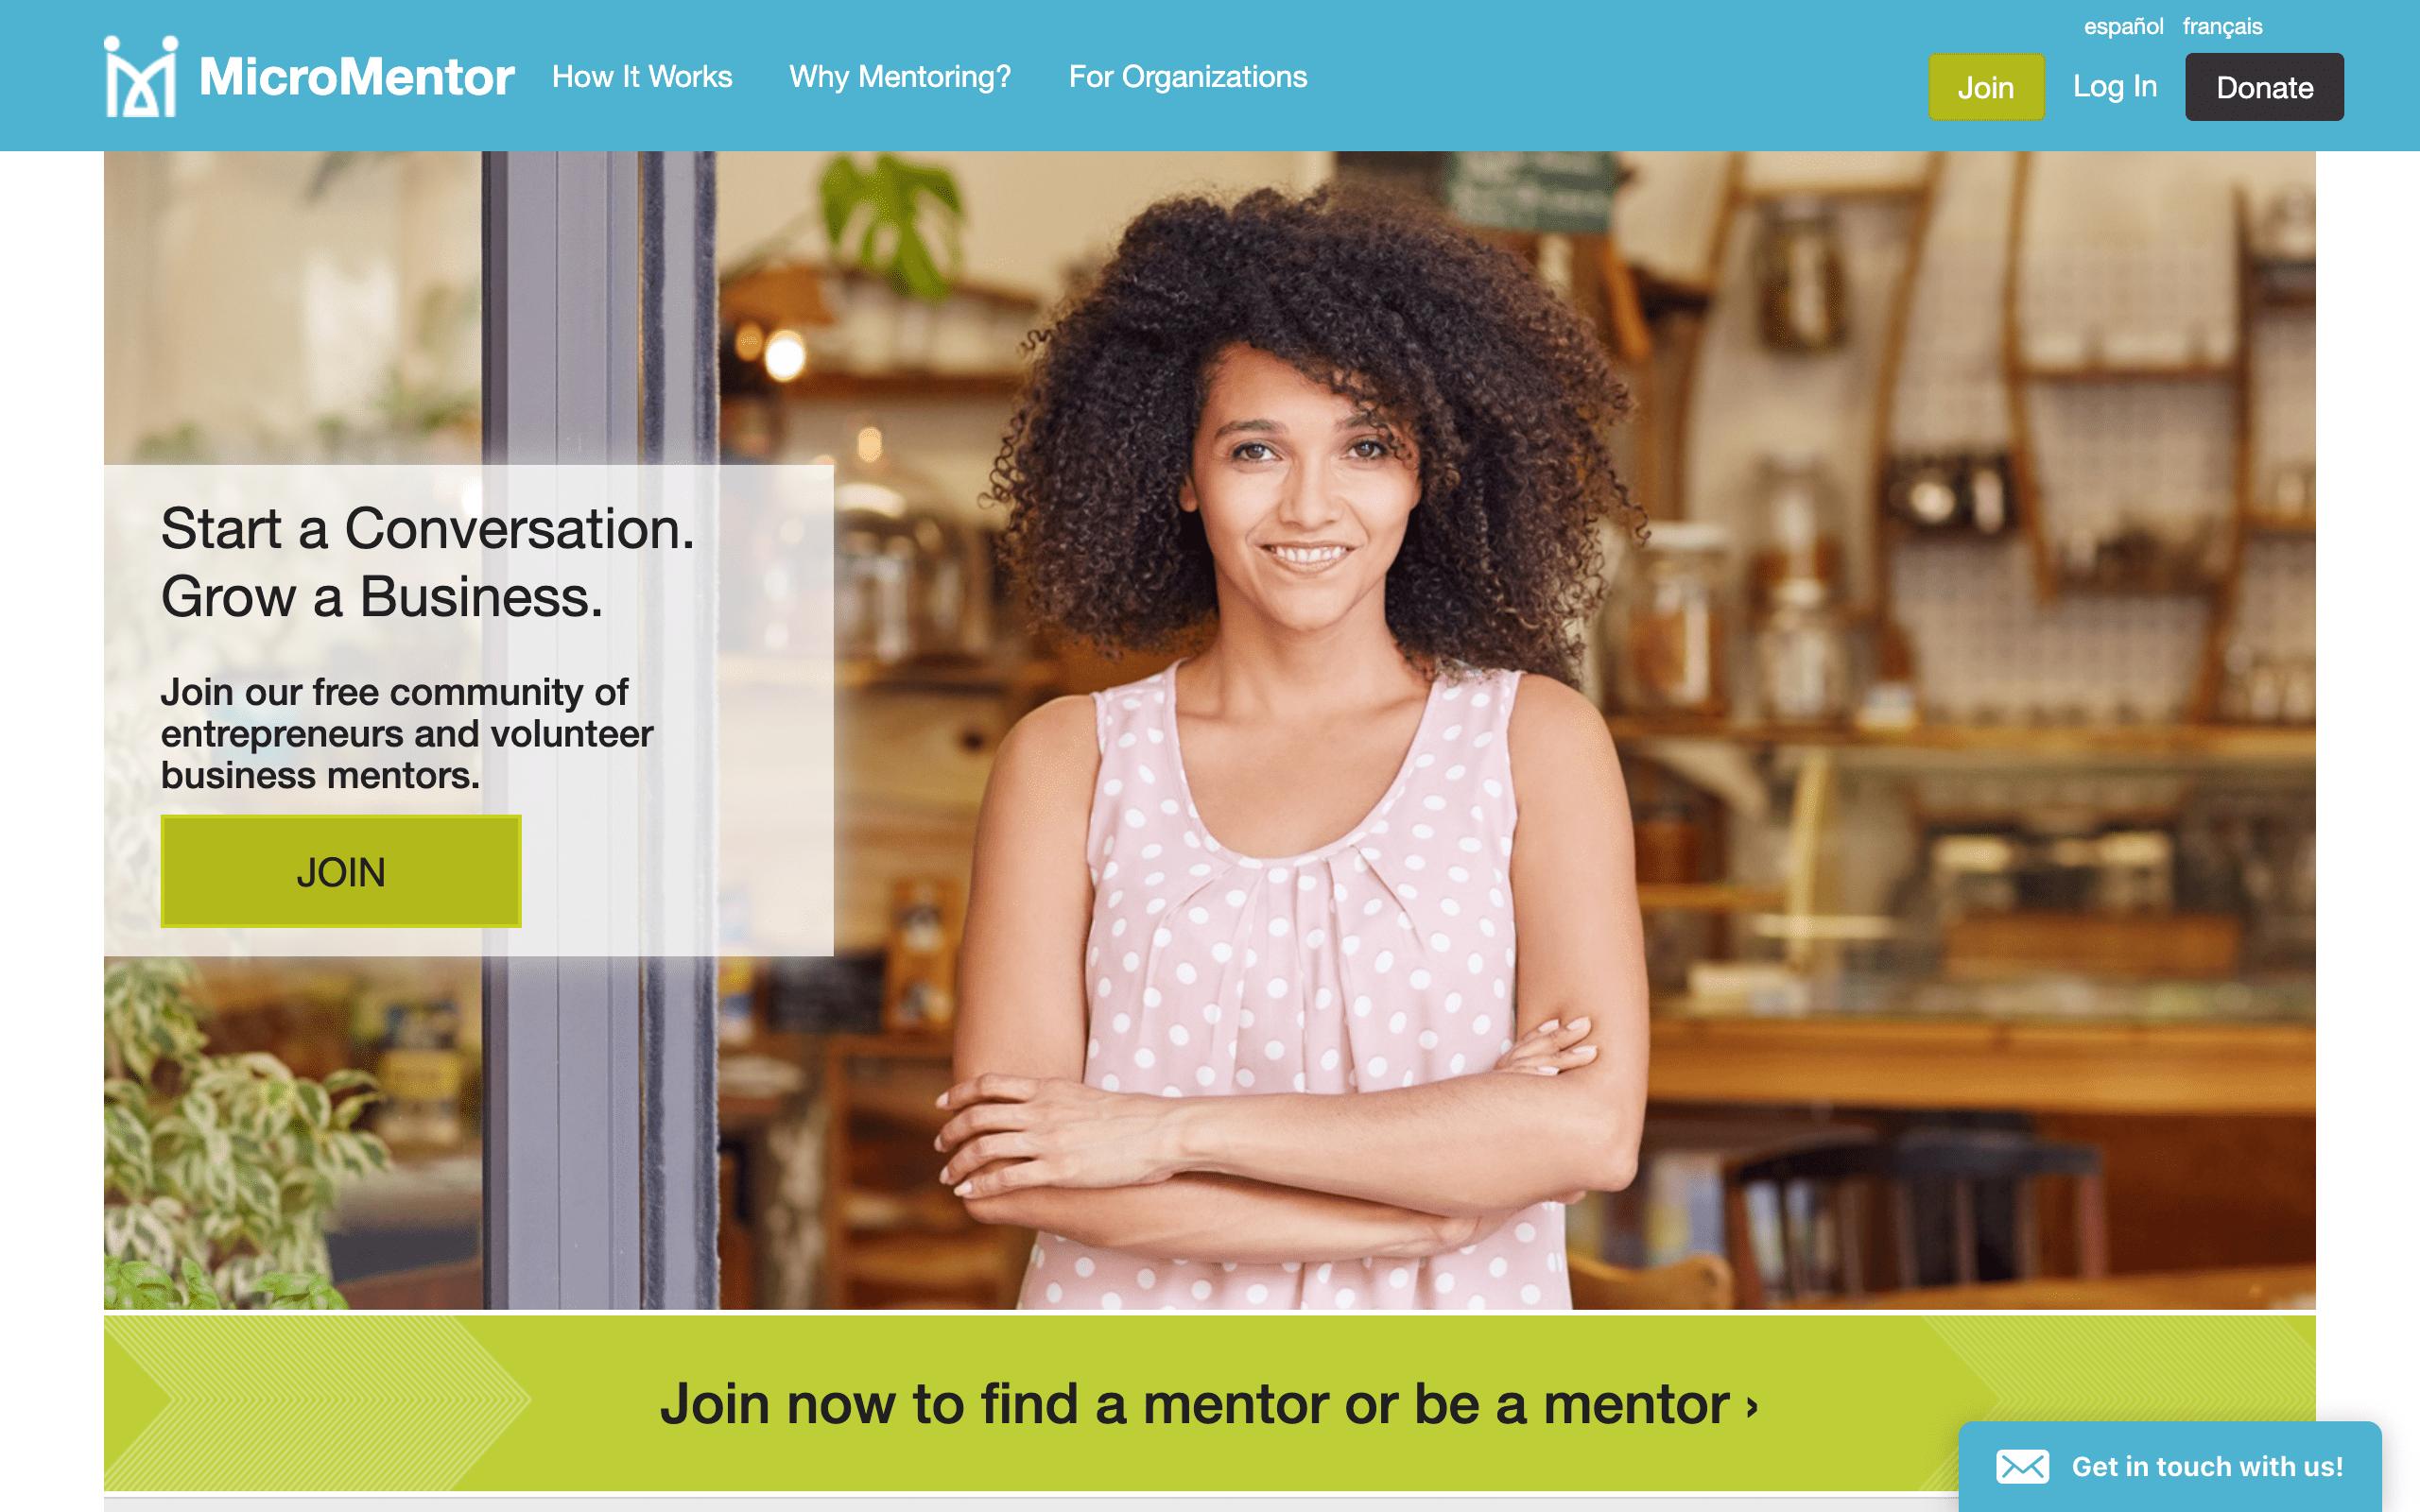 Startup Advisors - MicroMentor